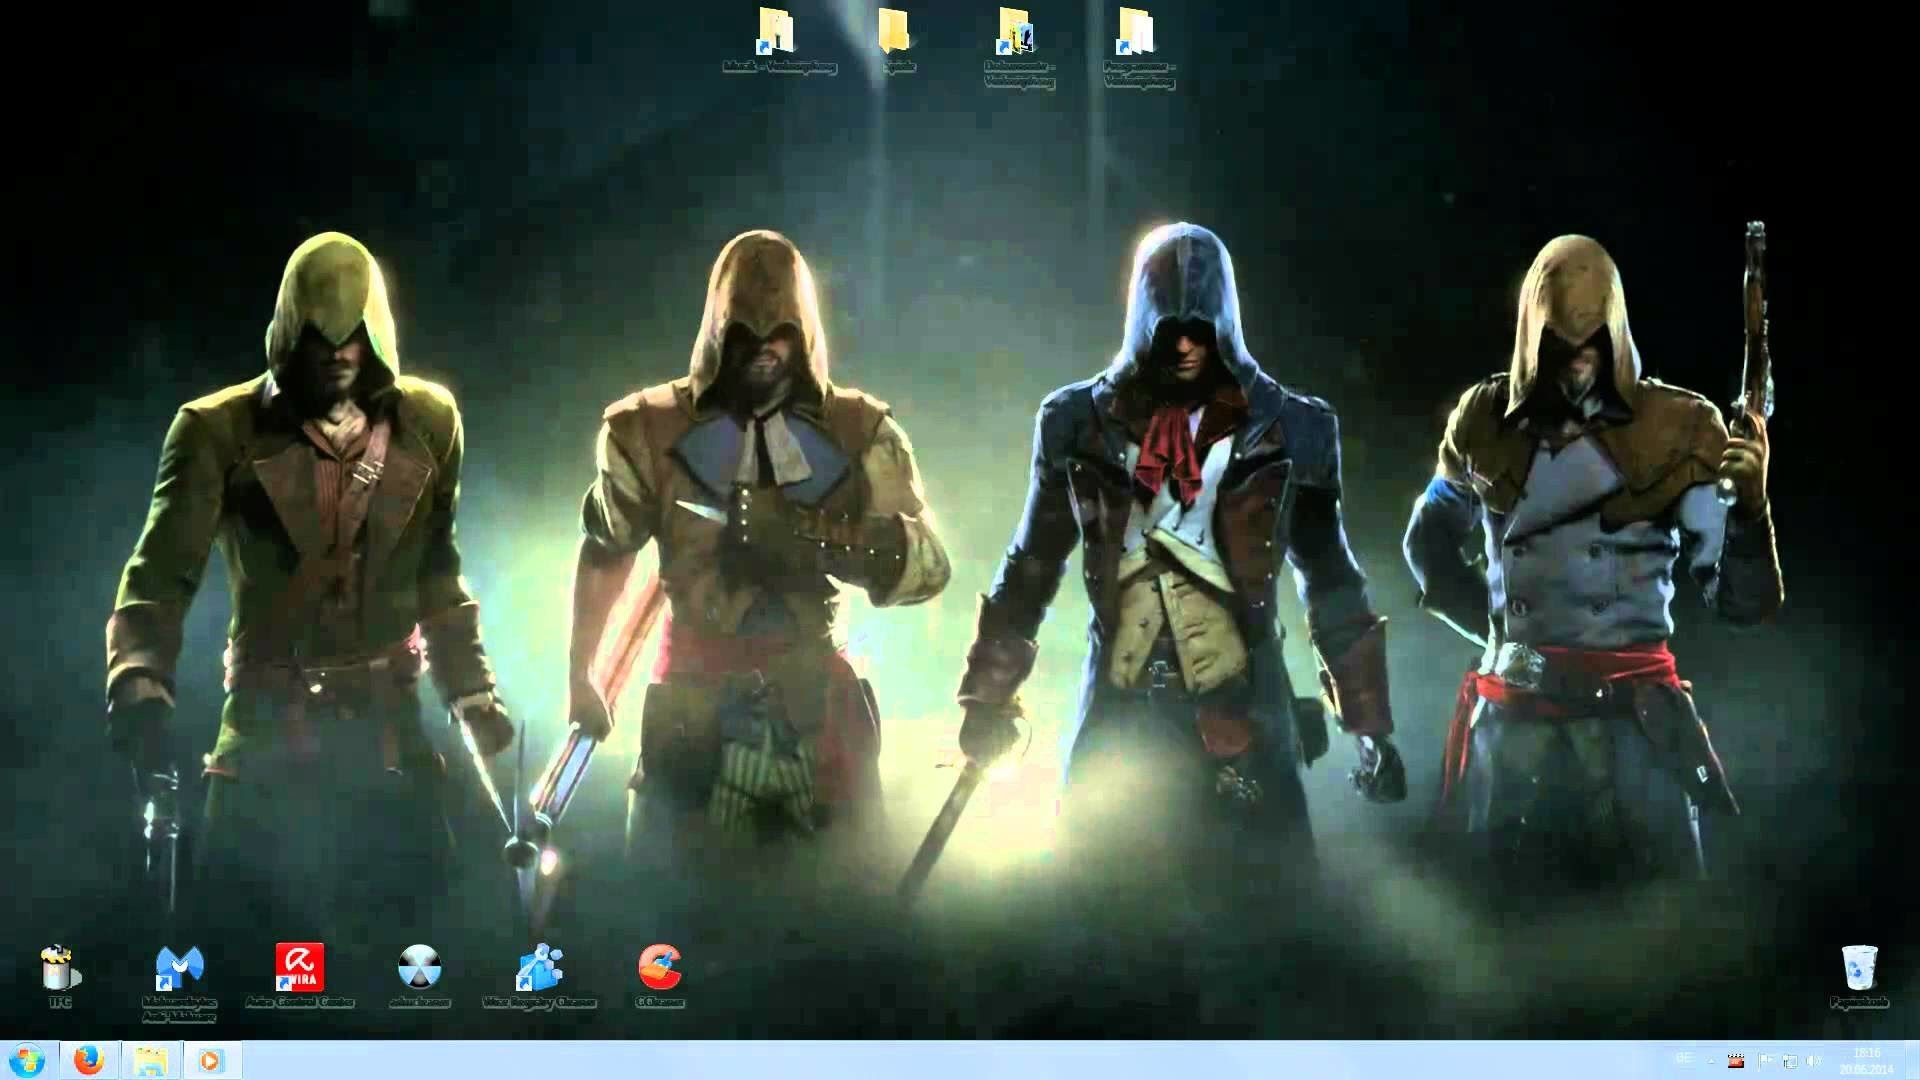 Assassins Creed Desktop Background 77 Images